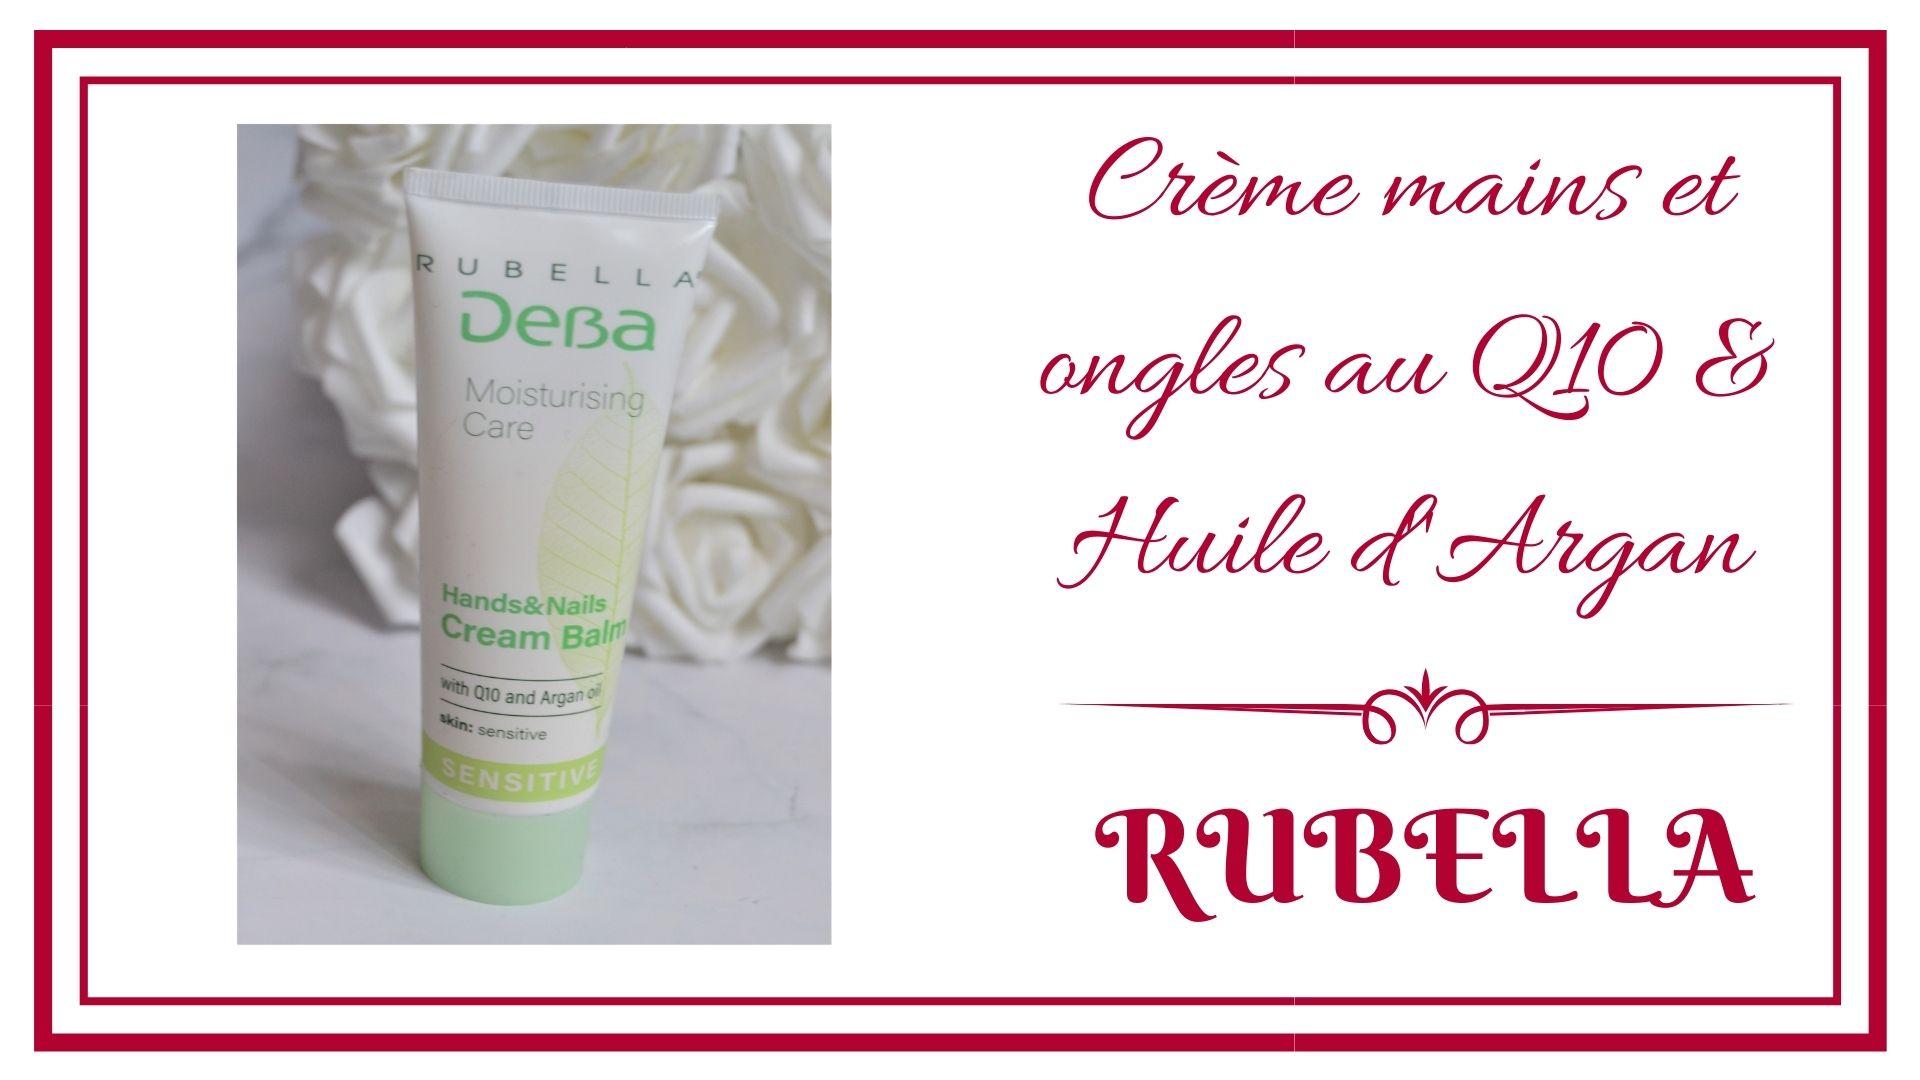 crème mains Q10 et huile d'argan de la marque rubella